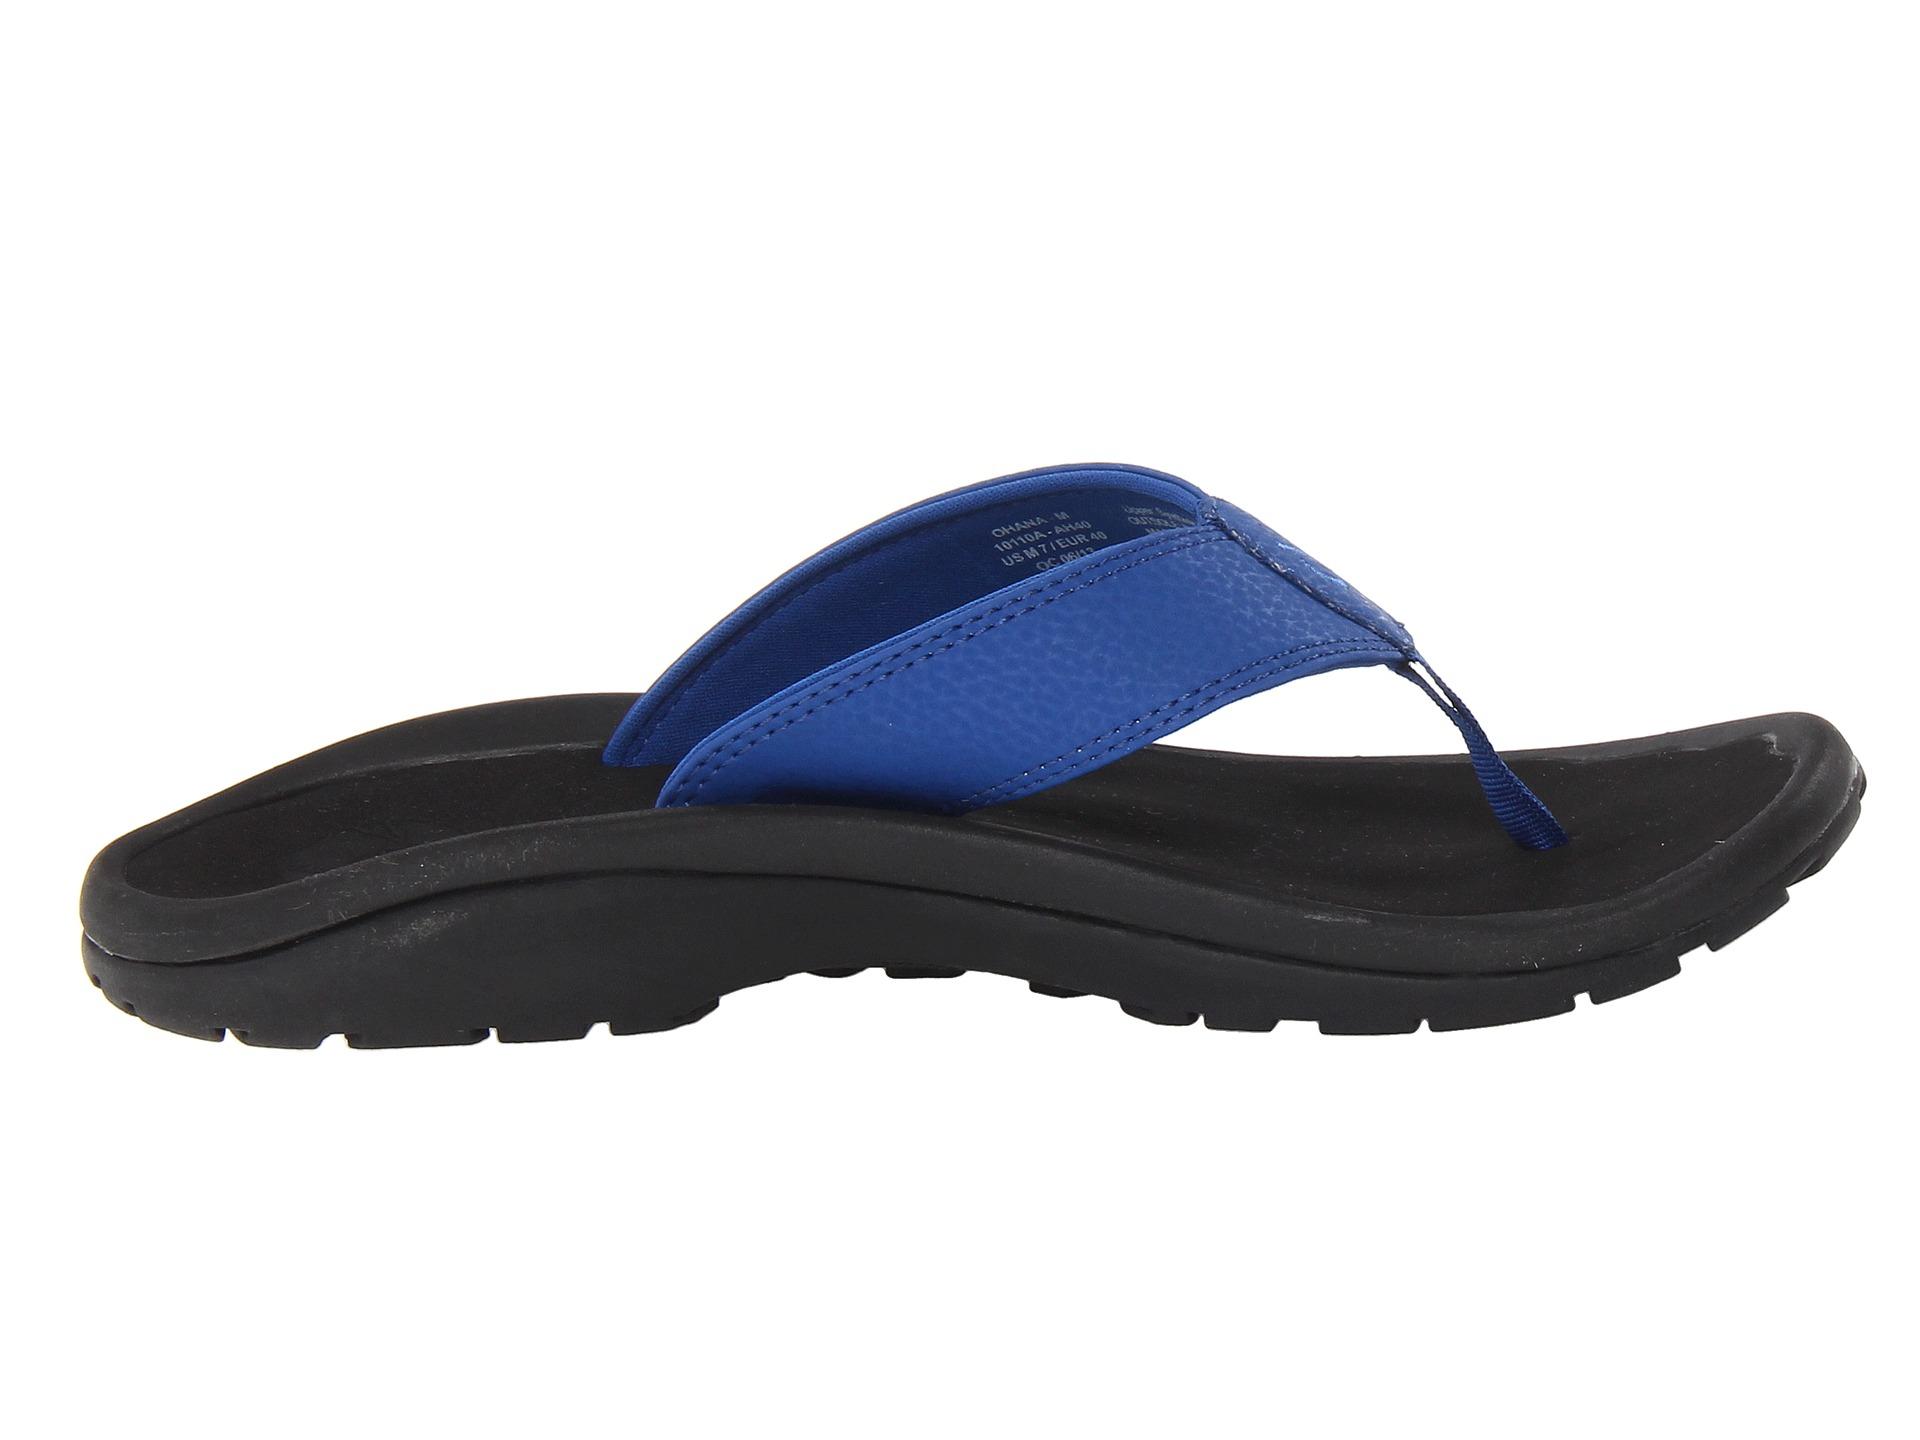 Olukai ʻohana Mens Thong Sandal In Blue For Men Lyst